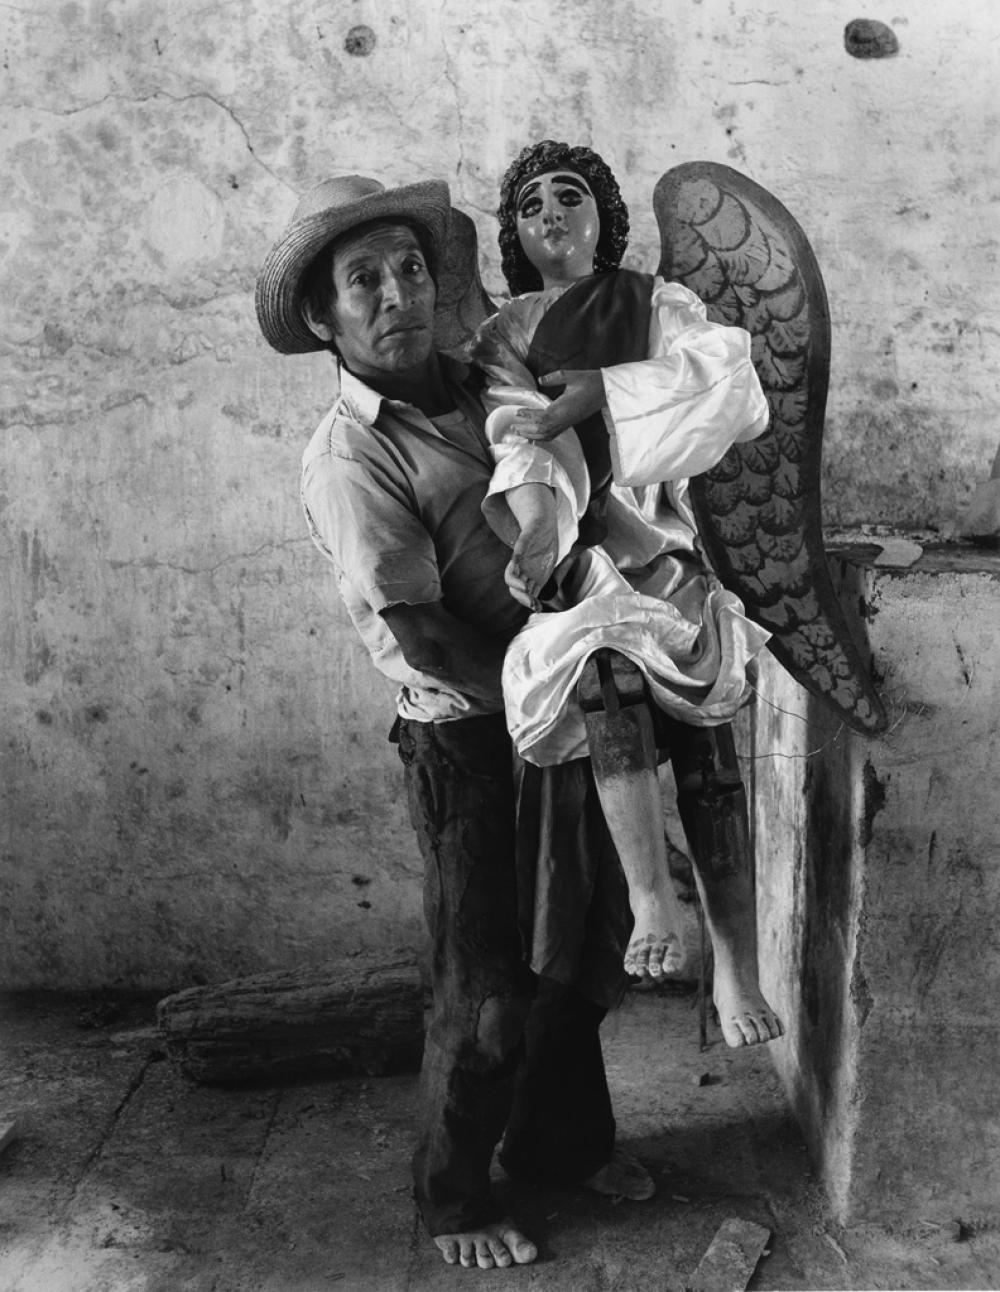 FLOR GARDUÑO (1957- ) Retrato de Familia (Family Portrait), Guatemala.